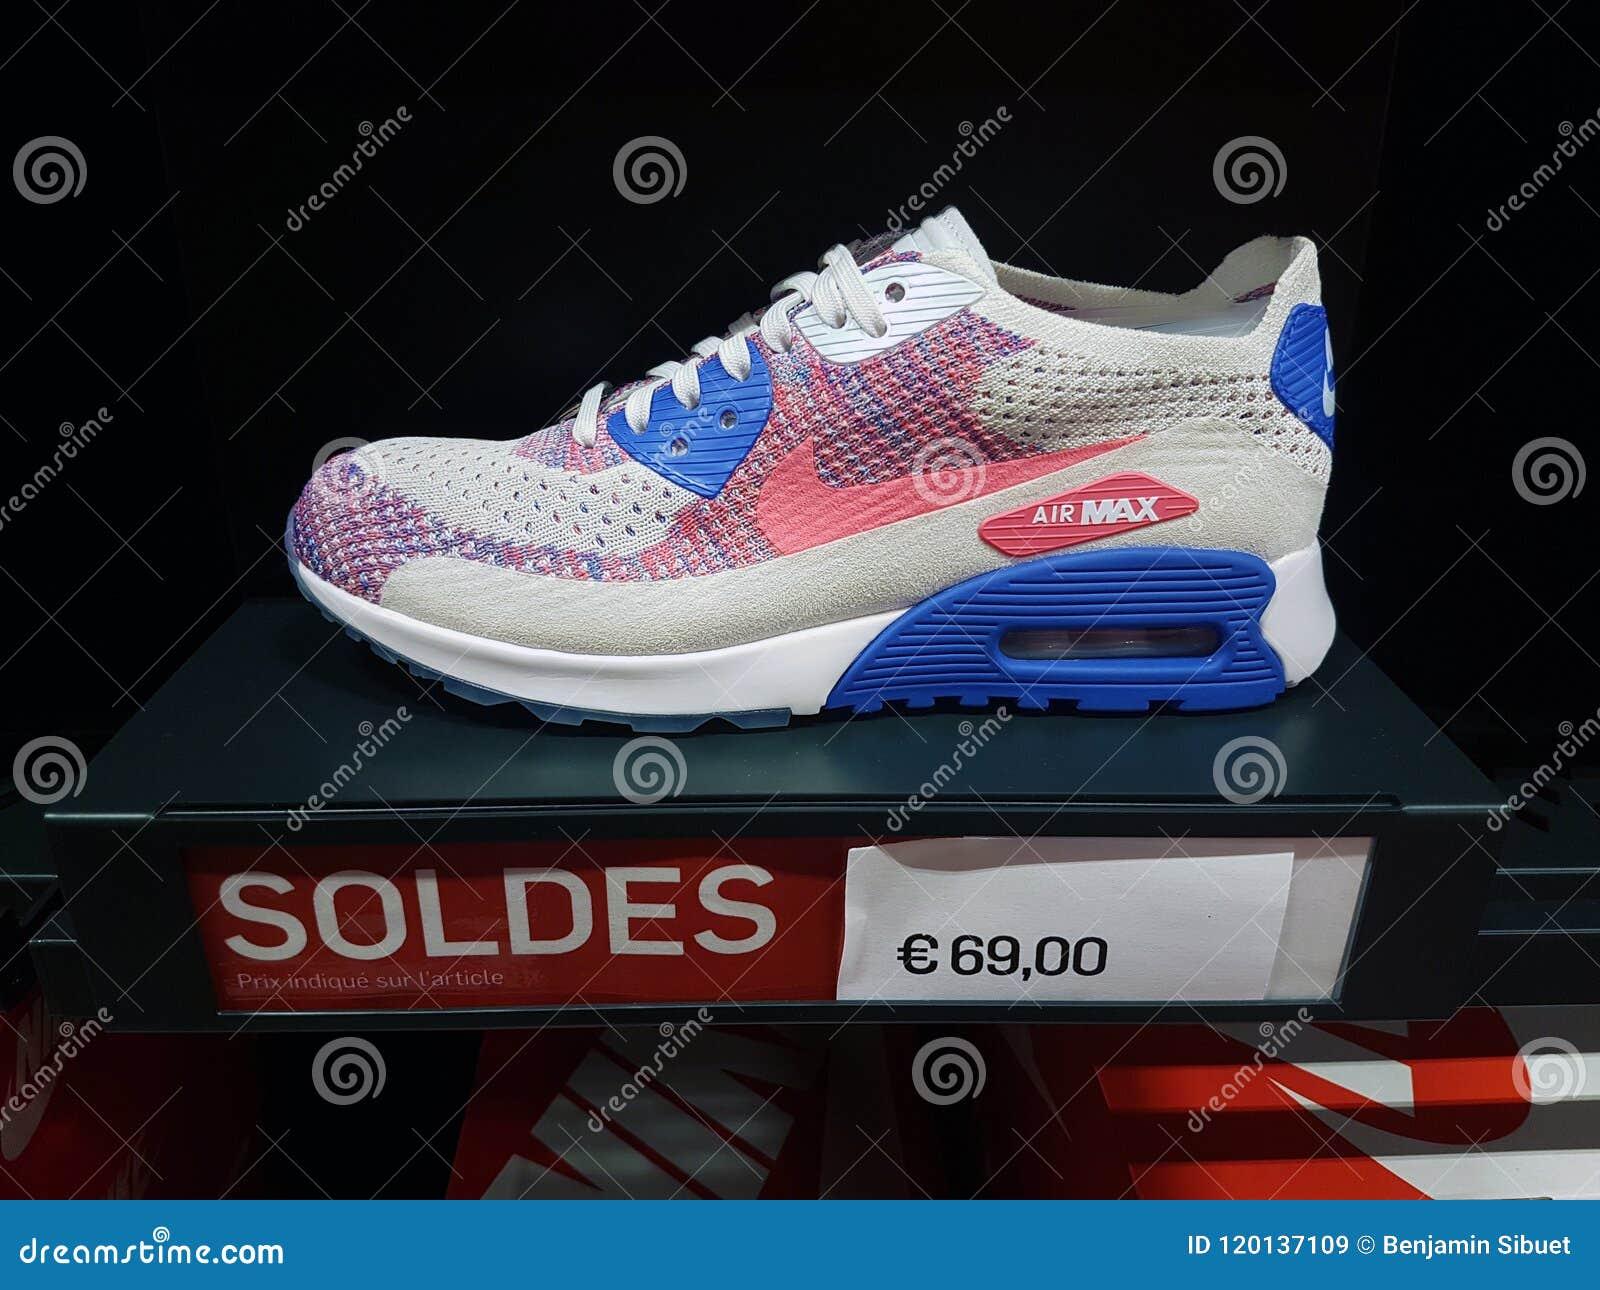 Affichage de Nike Air Max Shoe On